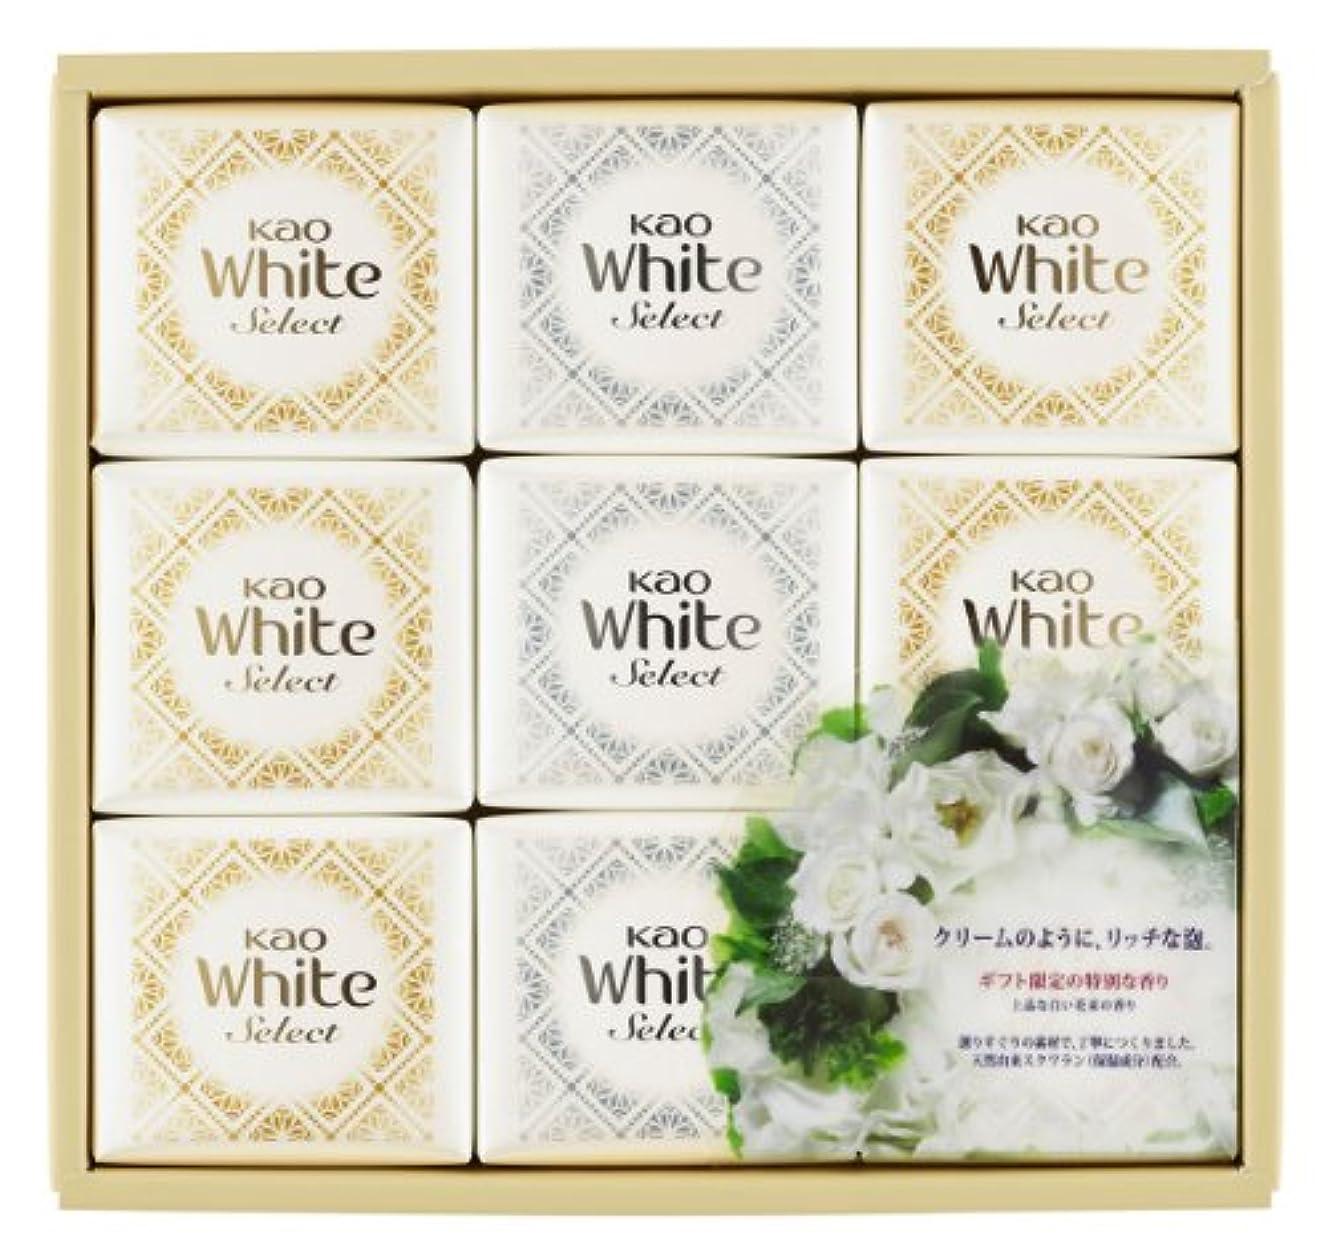 憤る中庭眠いです花王ホワイト セレクト 上品な白い花束の香り 85g 9コ K?WS-15